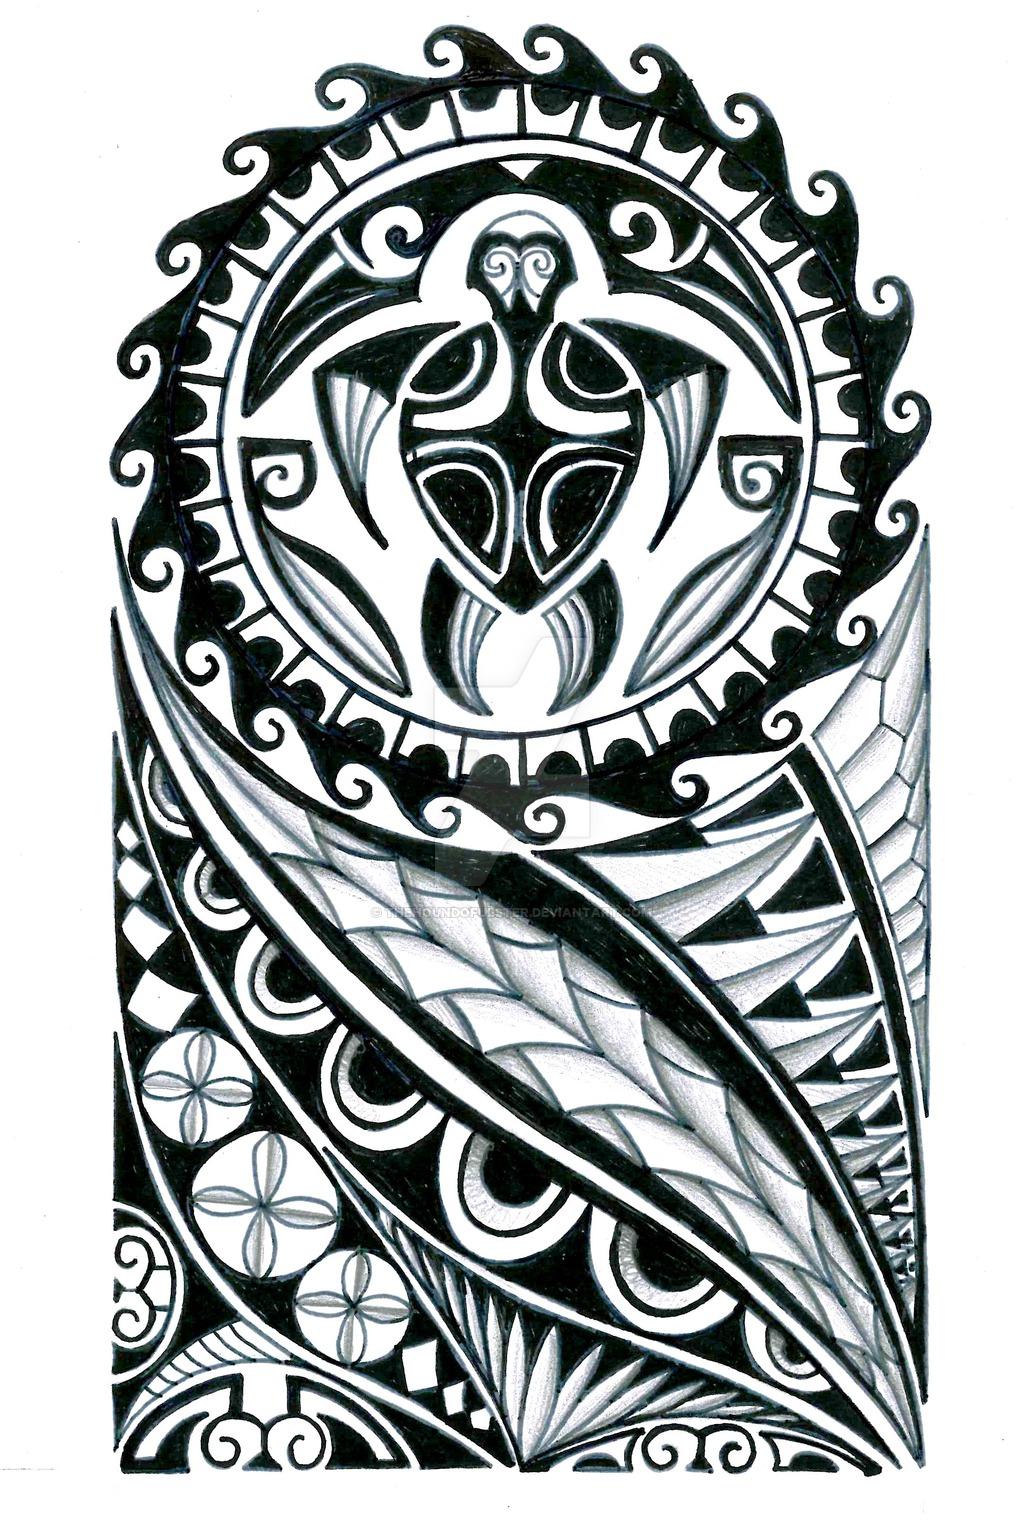 Aztec Tribal Tattoo Designs - ClipArt Best Aztec Tribal Pattern Tattoos